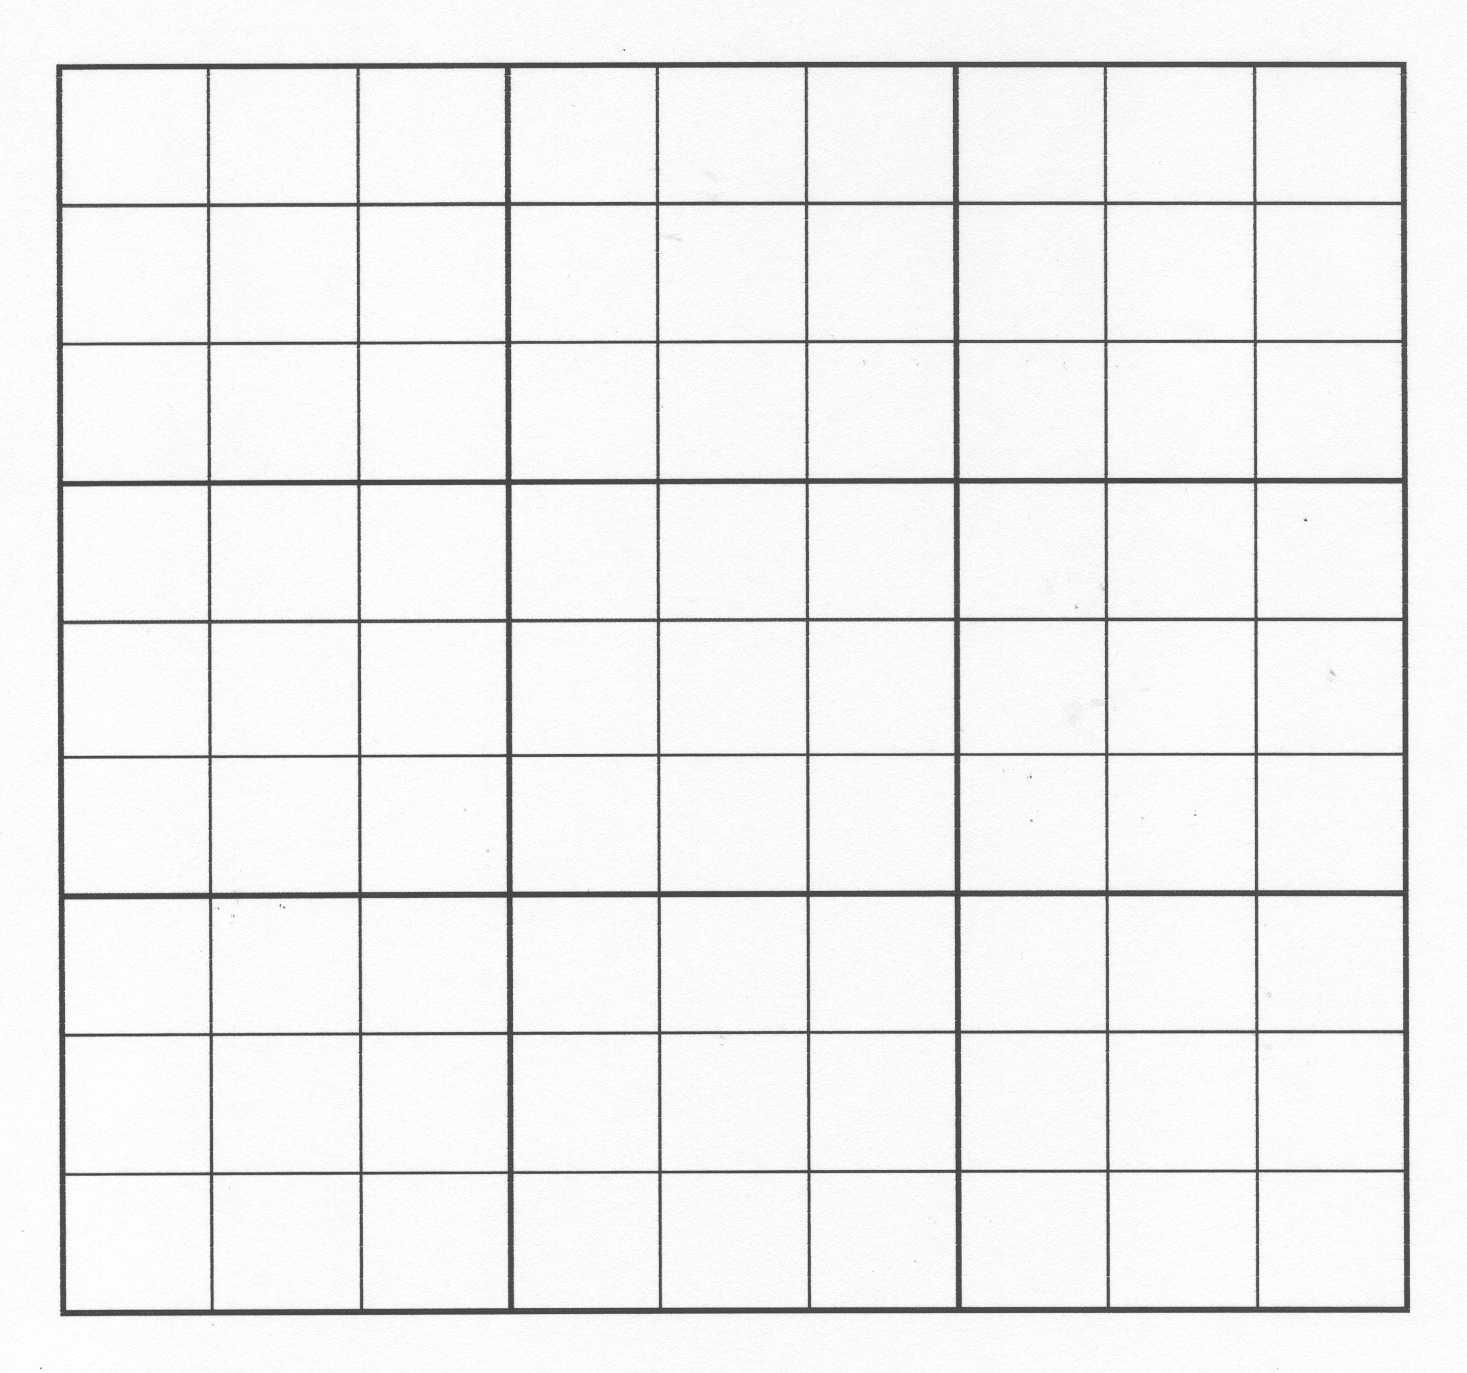 Imprimer des grille de sudoku sur grilles sudoku - Grilles de sudoku vierges ...